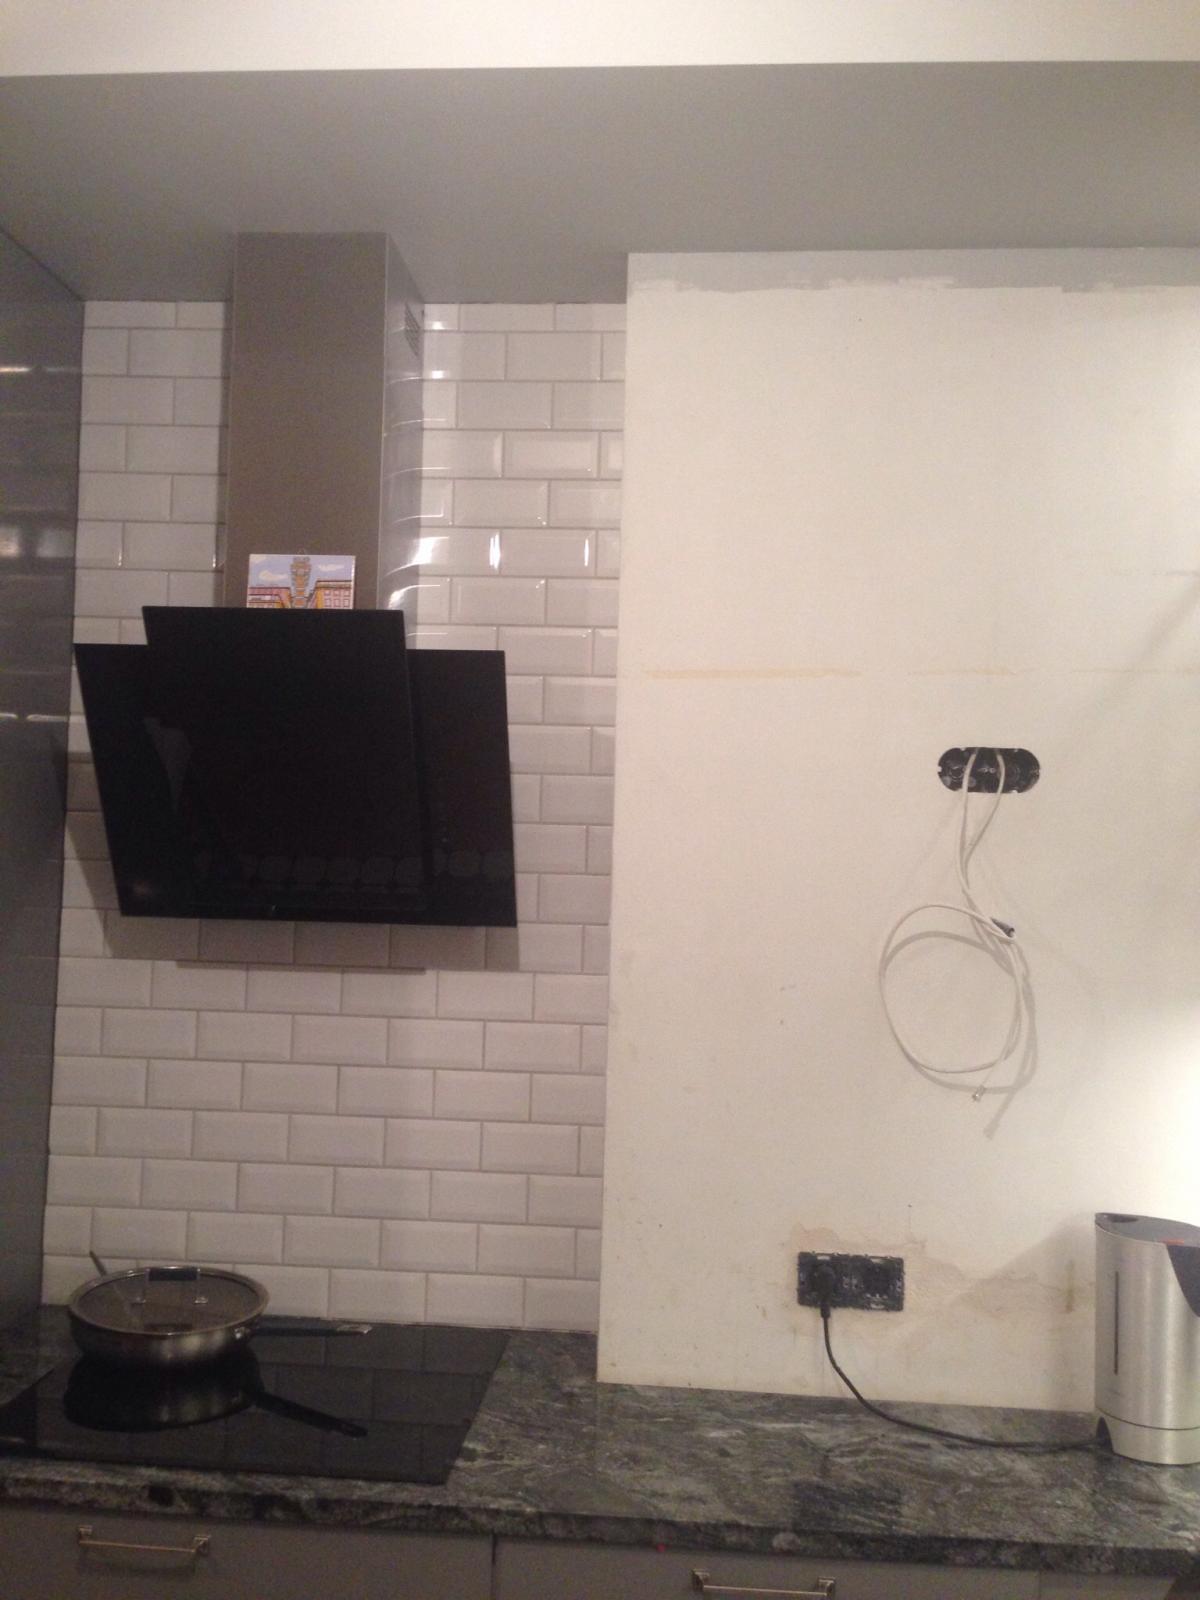 Вентиляция на кухне с газовой плитой в квартире и частном доме: видео-инструкция по монтажу своими руками, сечение воздуховода системы, требования, обратный клапан, решетка с вентиляционным выступом,